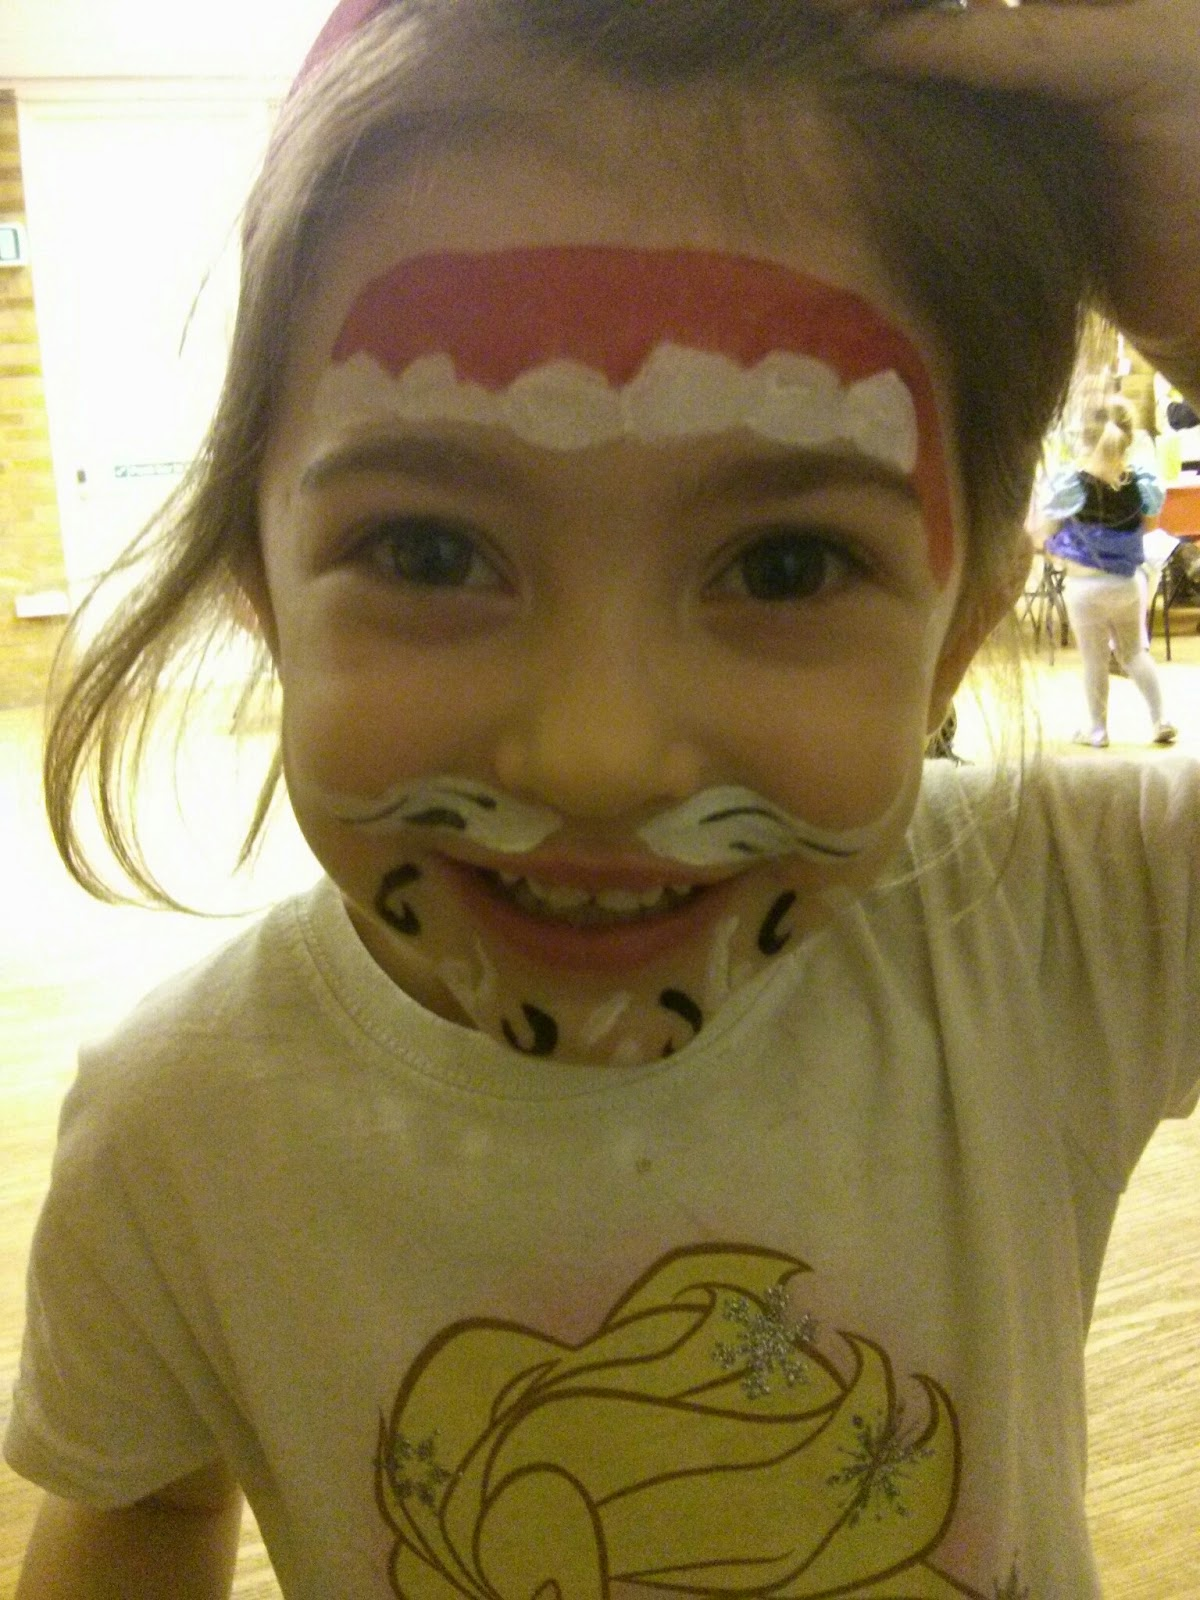 Festive Face paint